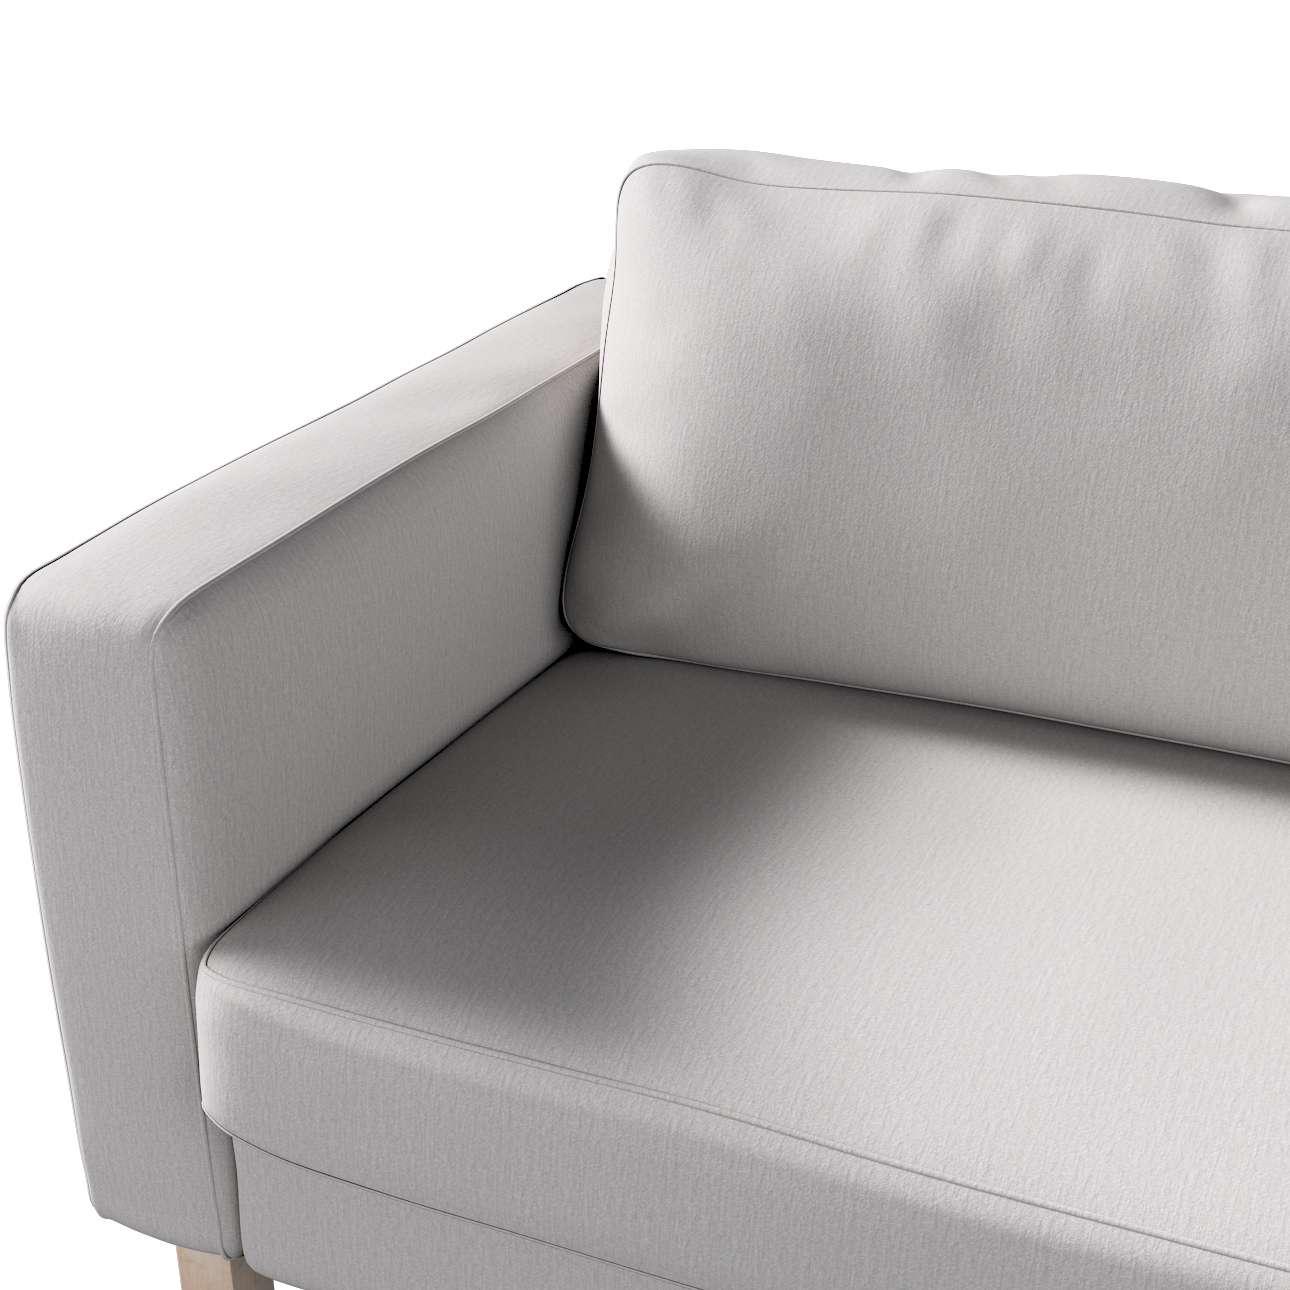 Pokrowiec na sofę Karlstad 3-osobową nierozkładaną, krótki w kolekcji Chenille, tkanina: 702-23